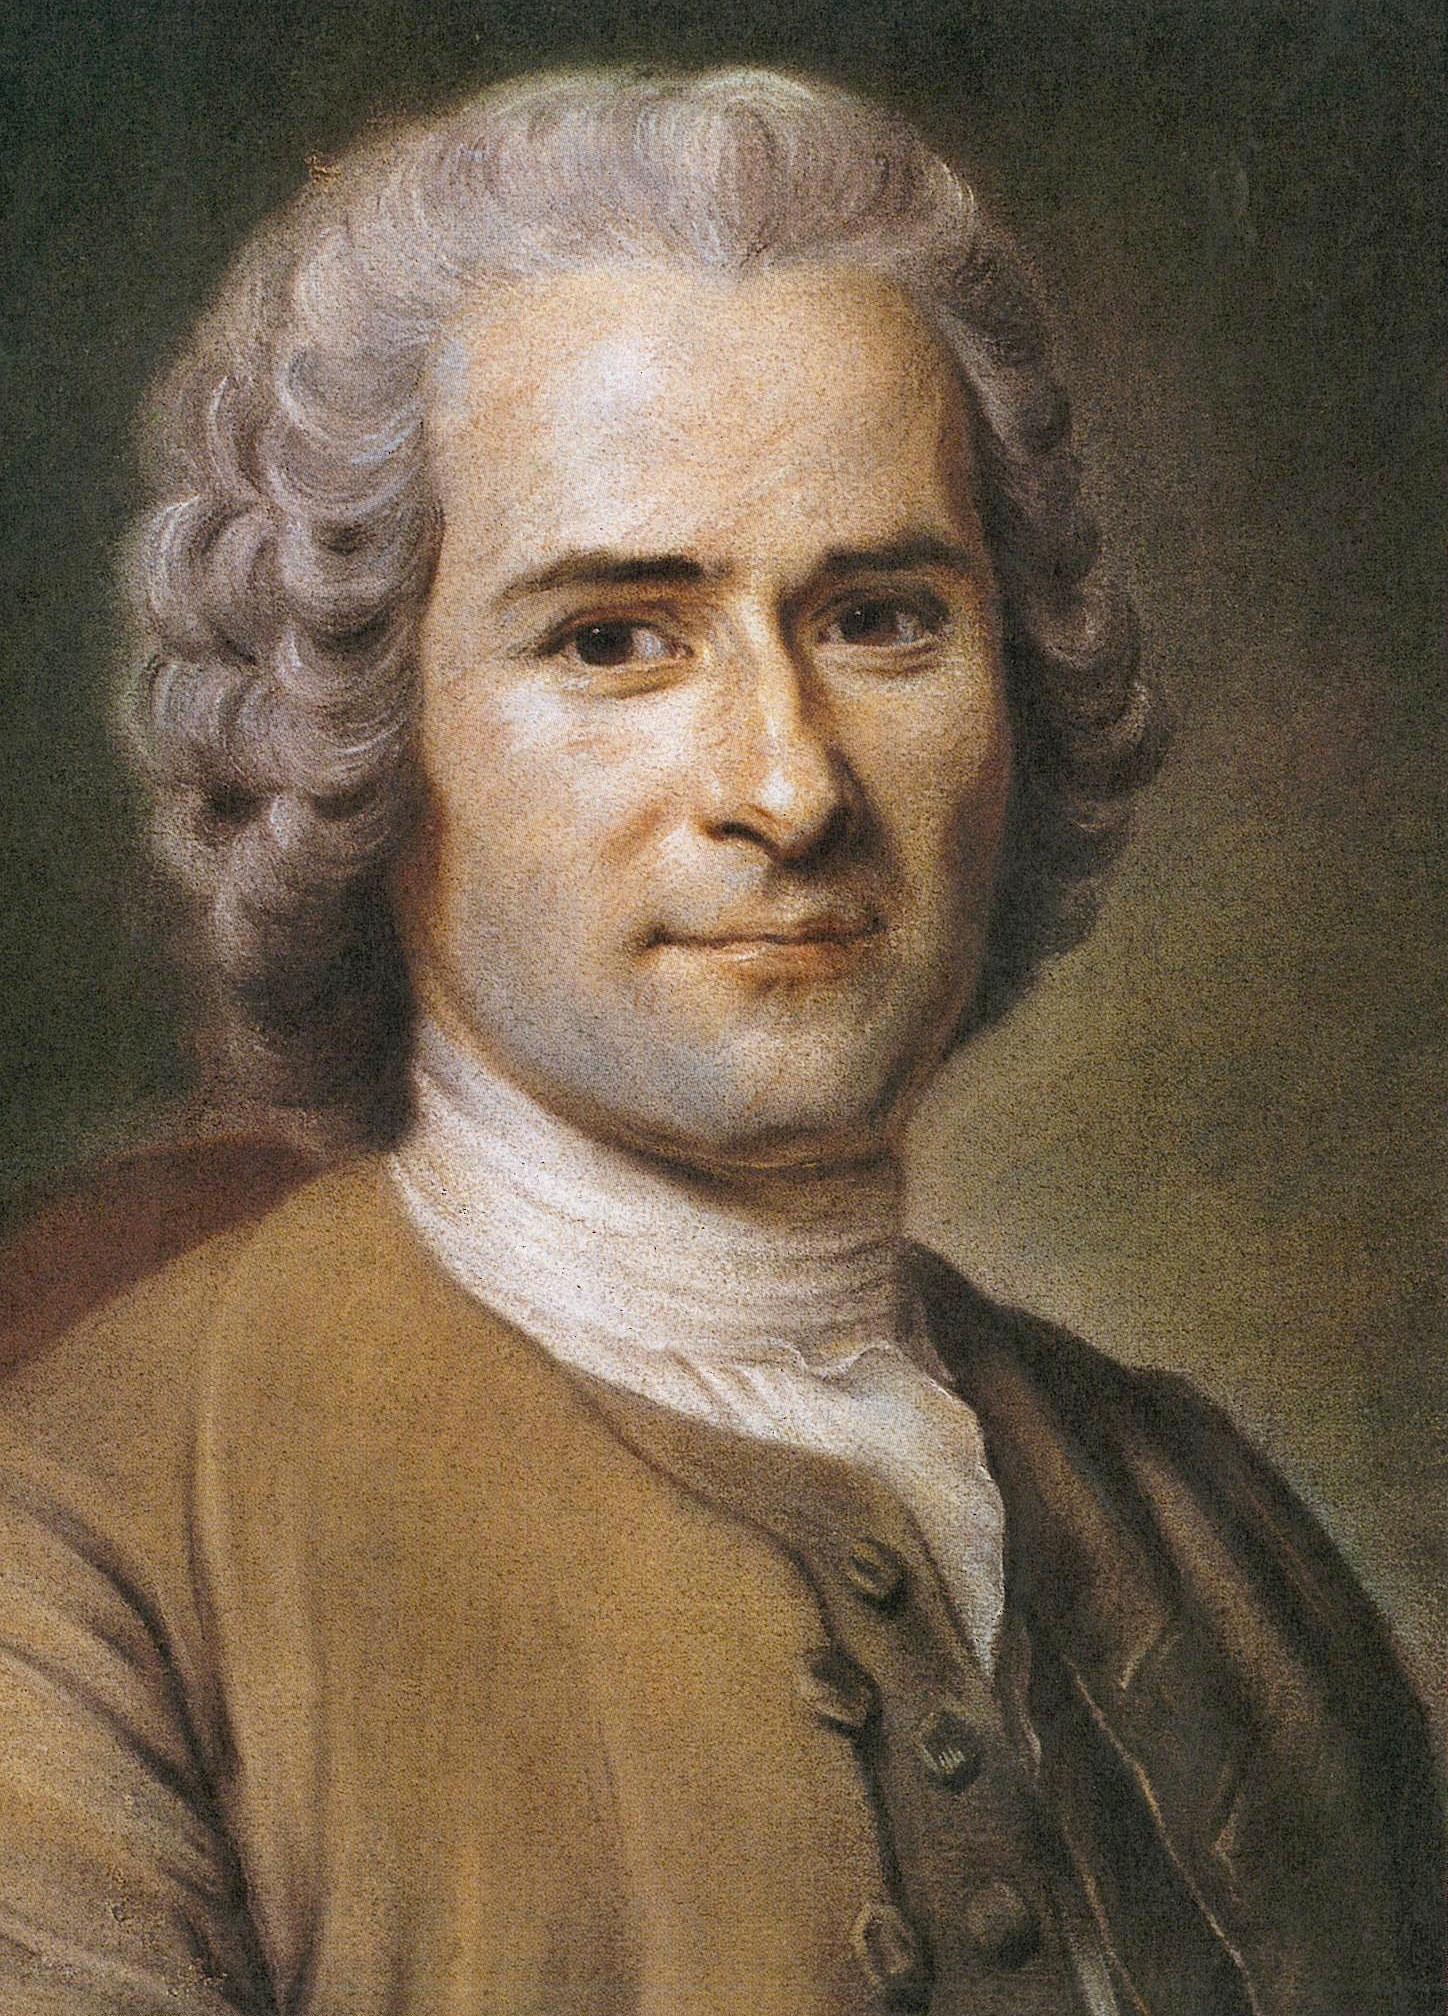 <em>Jean-Jacques Rousseau</em>, par Maurice Quentin de La Tour, pastel sur papier, fin xviii<sup>e</sup>siècle, musée Antoine-Lécuyer, Saint-Quentin.